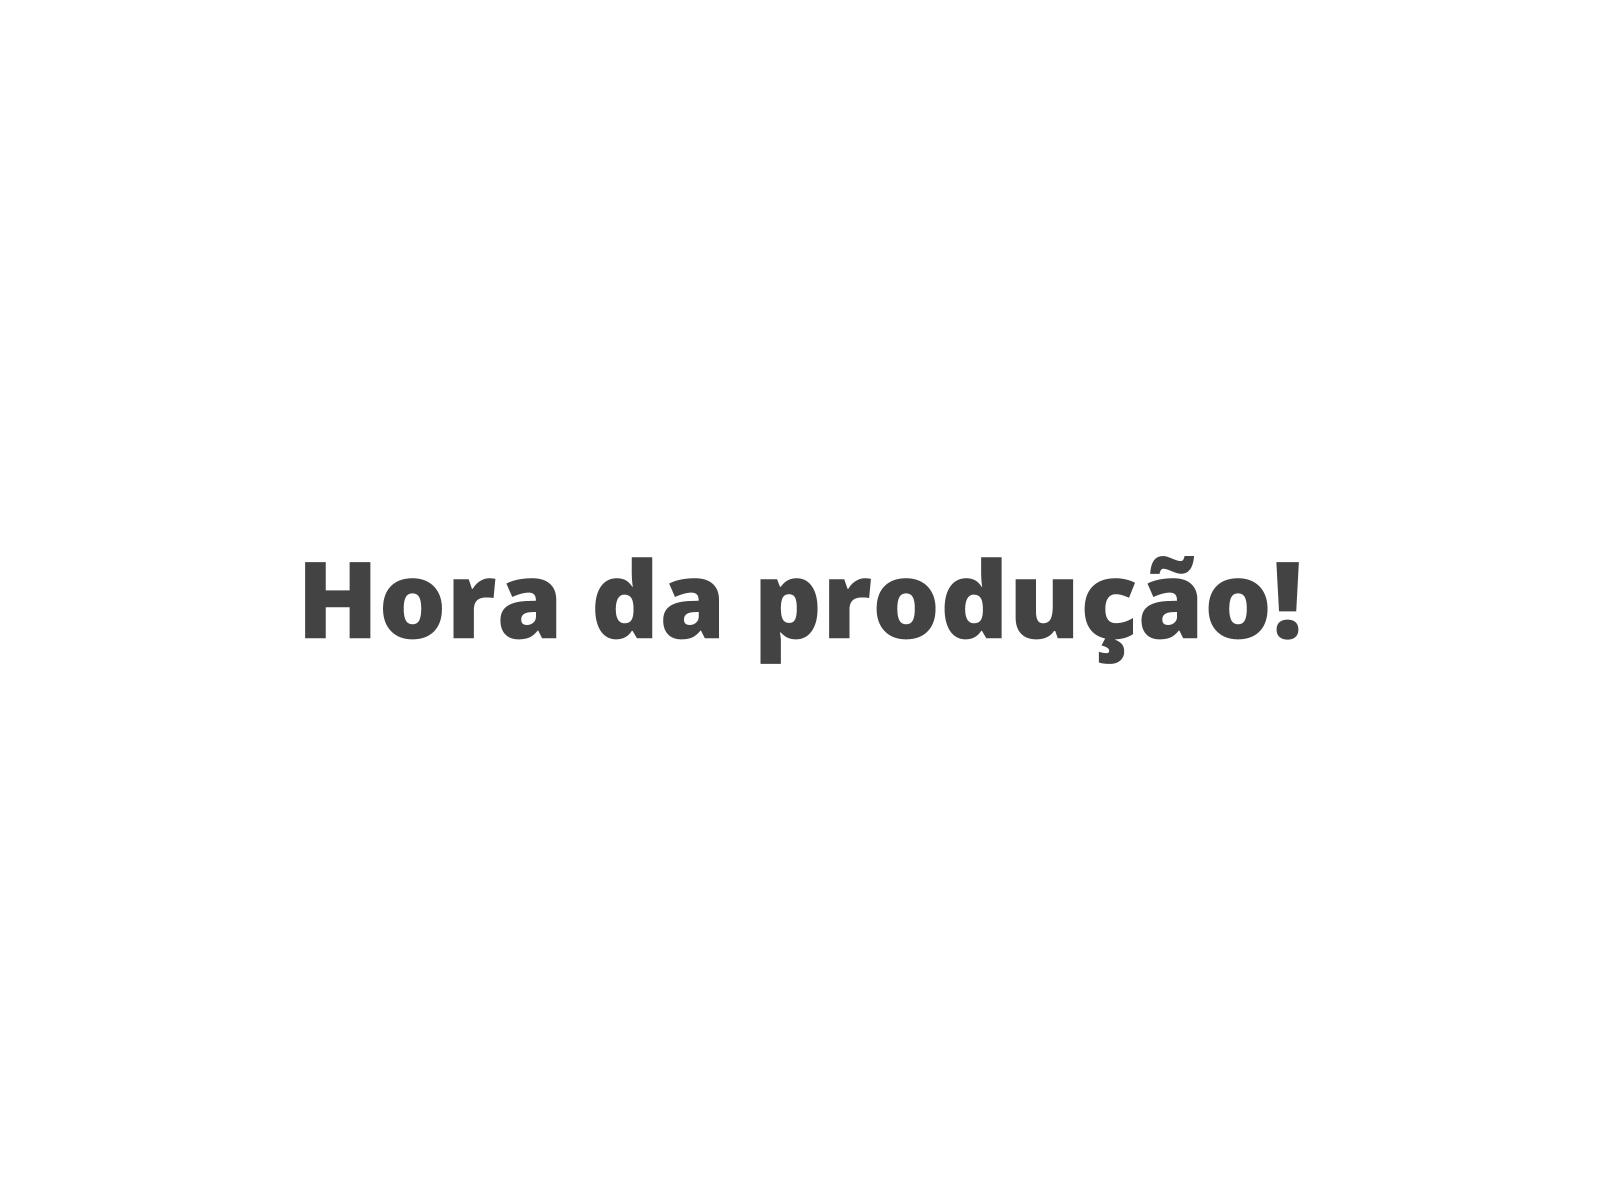 Produção de haicais com o uso de verbos de ligação